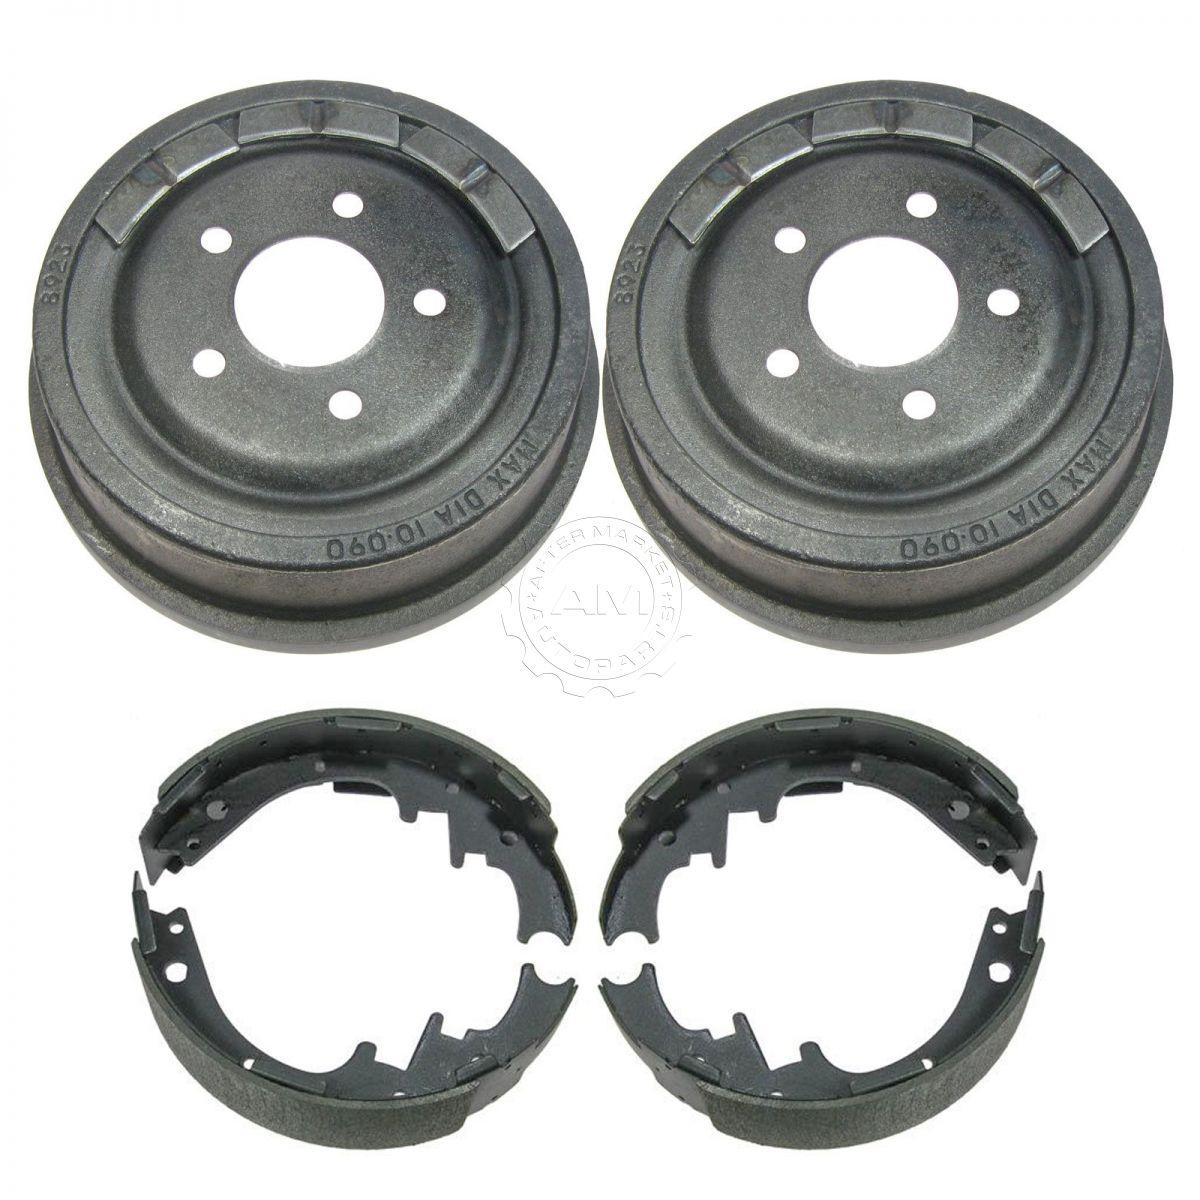 Rear Brake Drum & Shoe Pair Set for Mazda Navajo Ford Truck   eBay